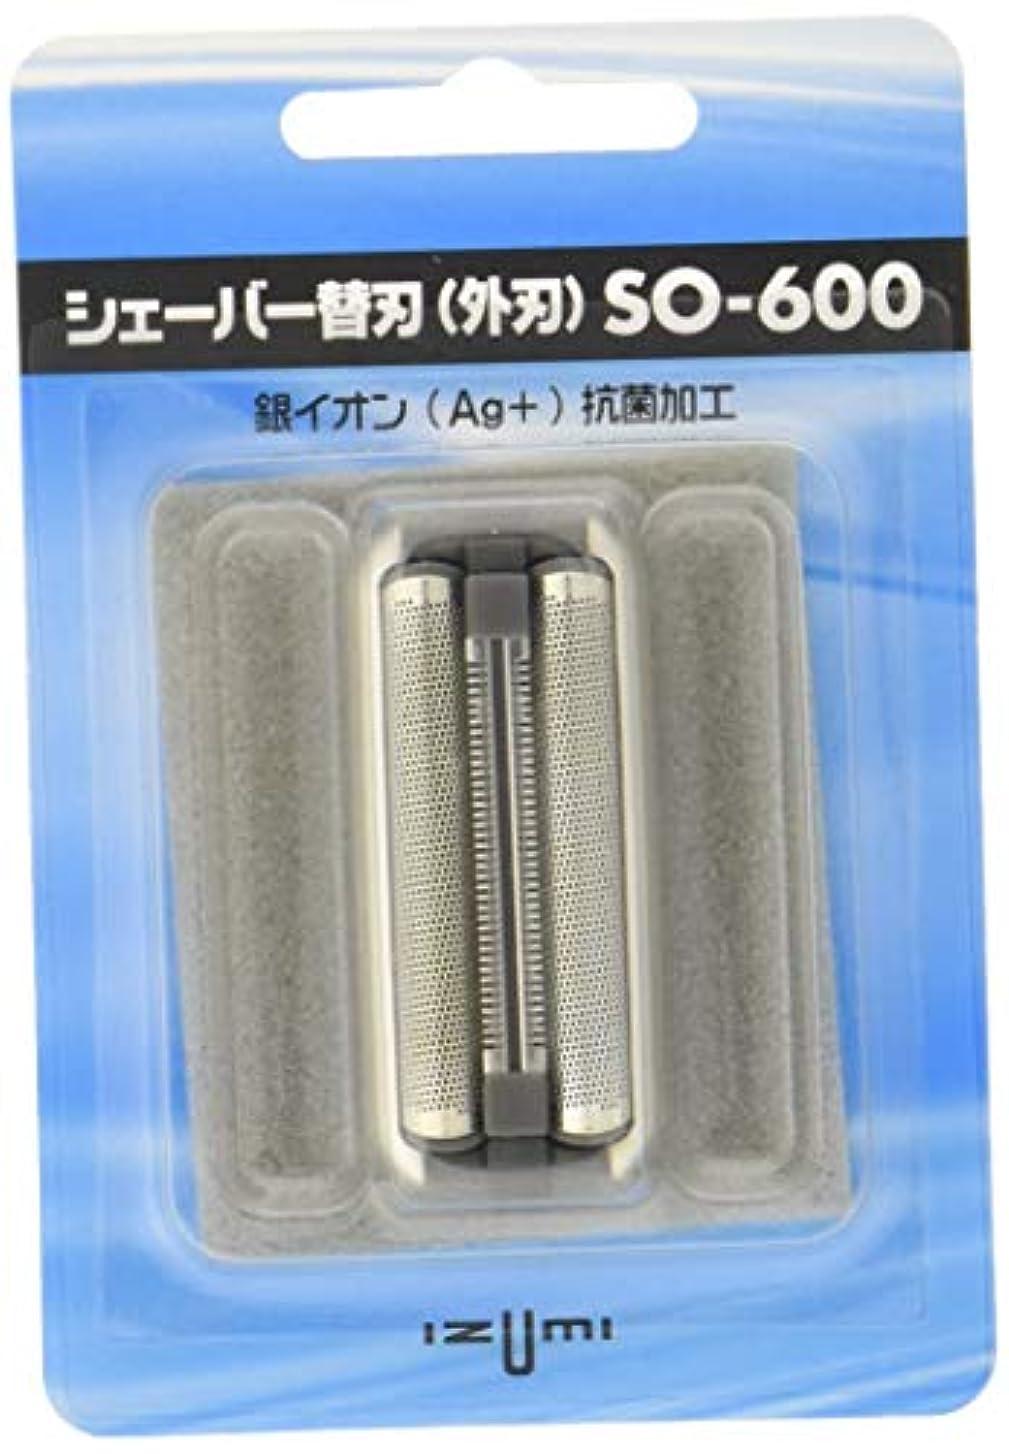 スペアエネルギー悲しいIZUMI 往復式シェーバー用外刃 SO-600